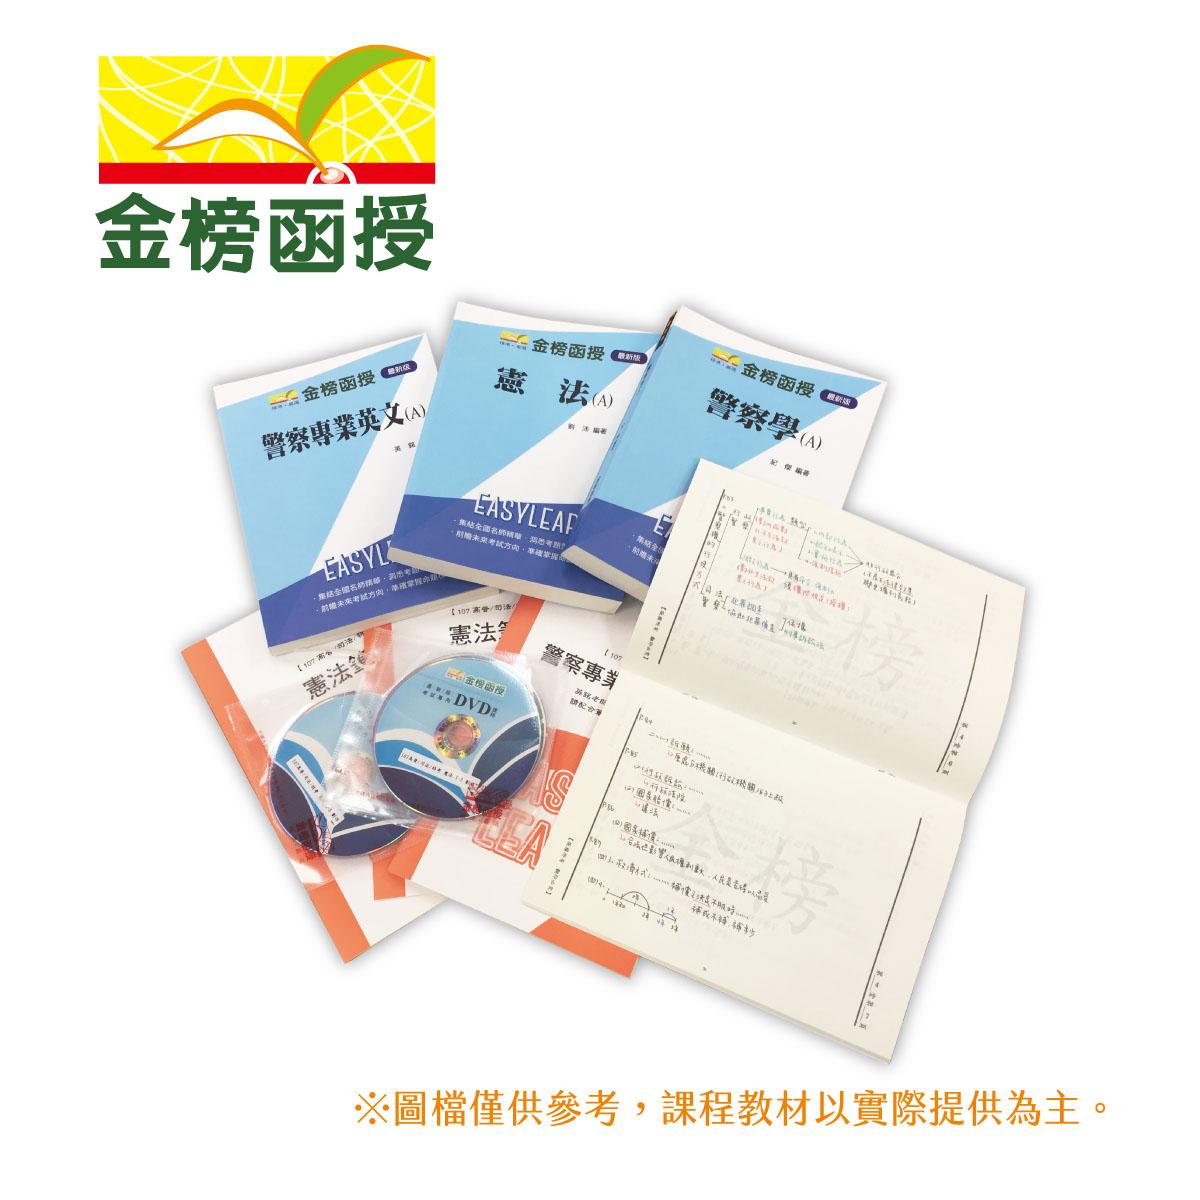 108金榜函授/高考三级/年度课程/全套/法律廉政/DVD/专业科目